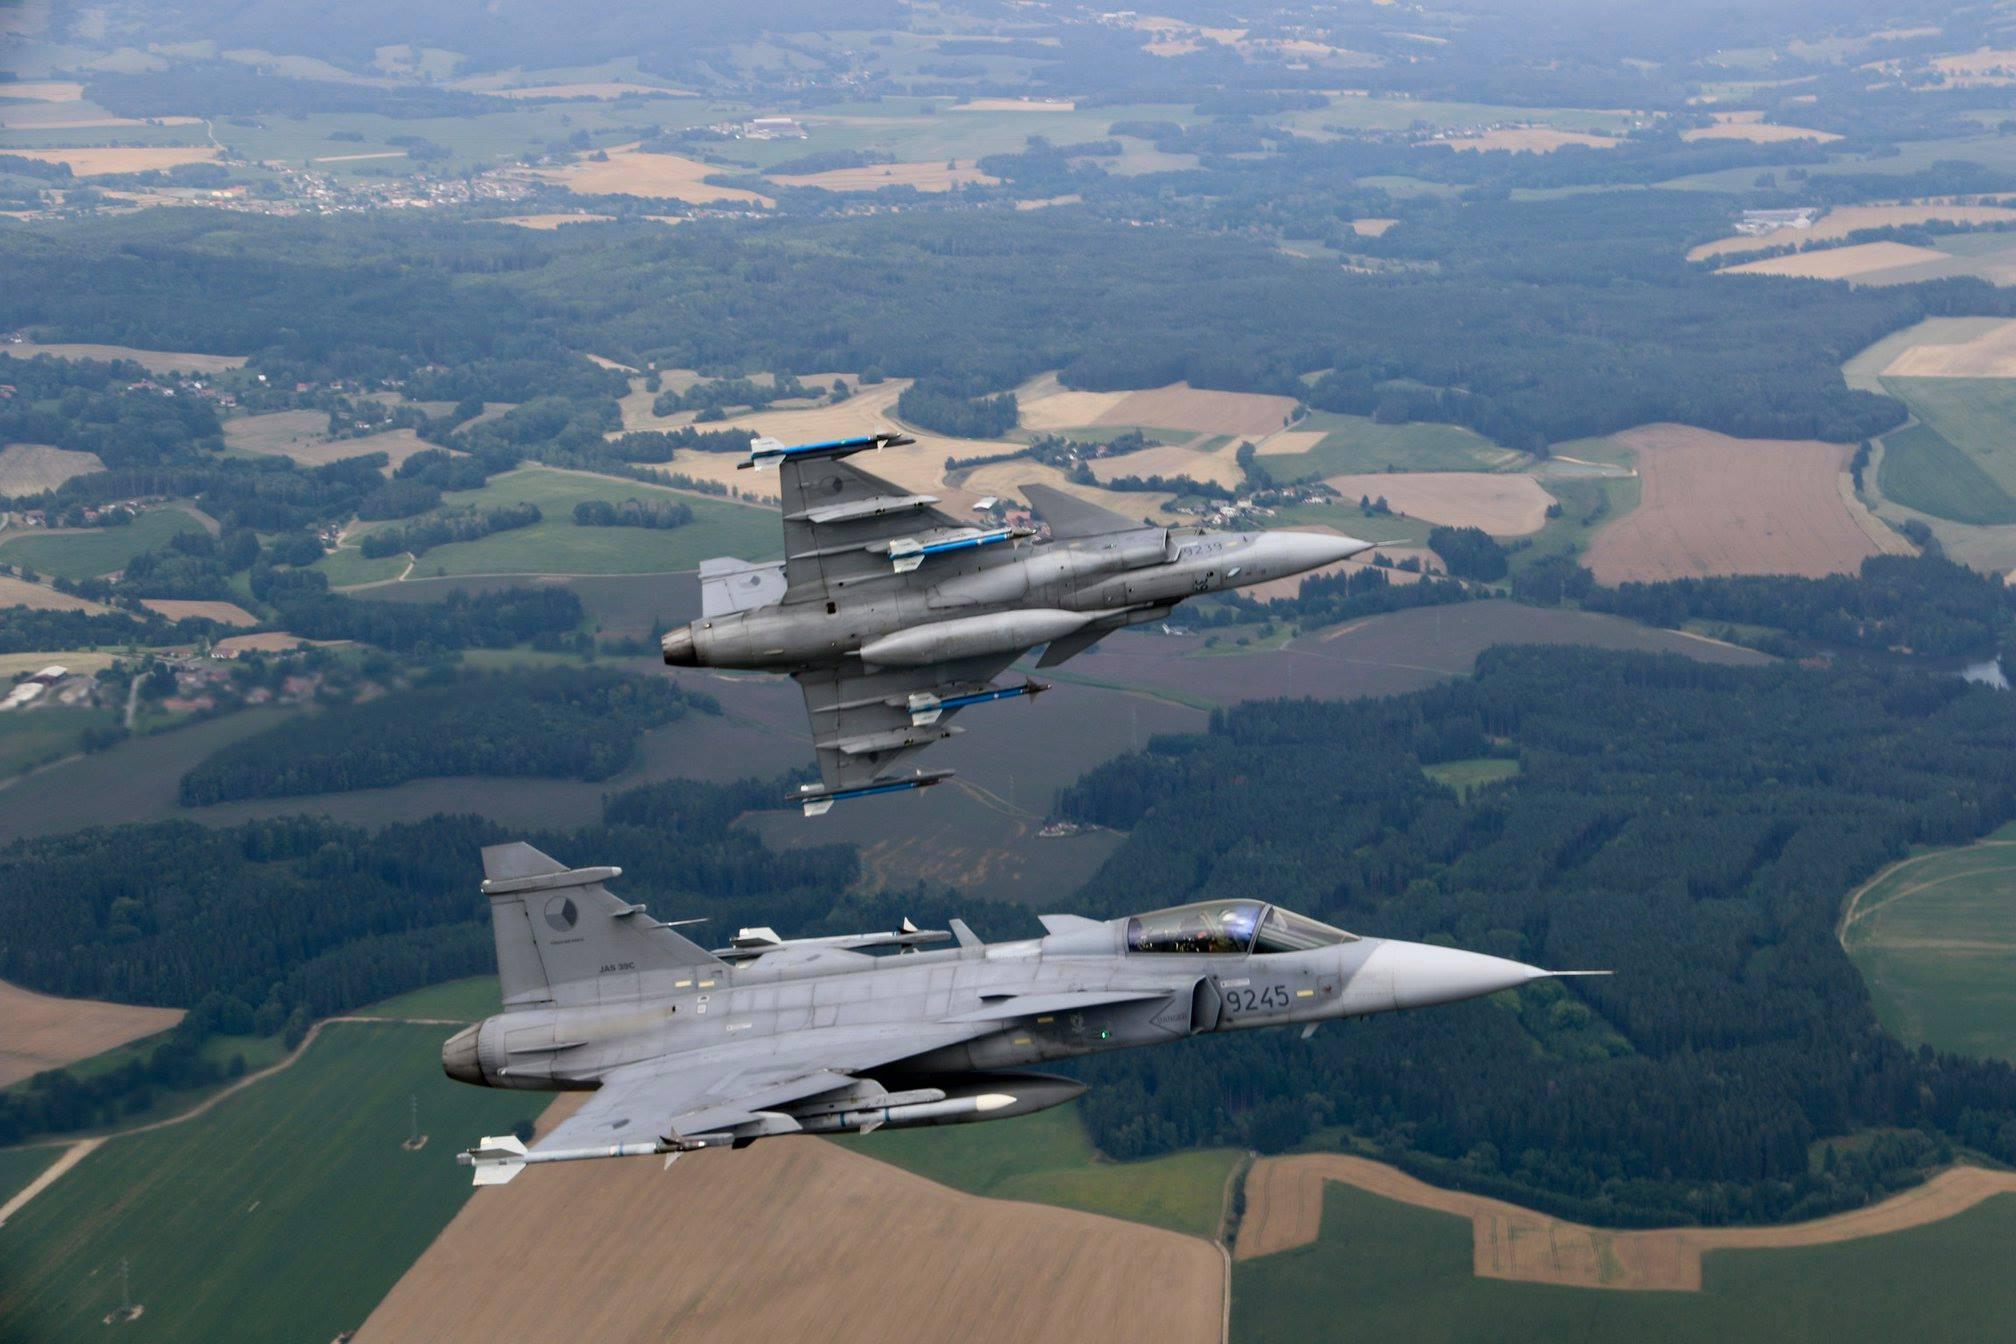 Armée tchèque/Czech Armed Forces - Page 11 37326217_1652998134828850_3195554723054747648_o-jpg